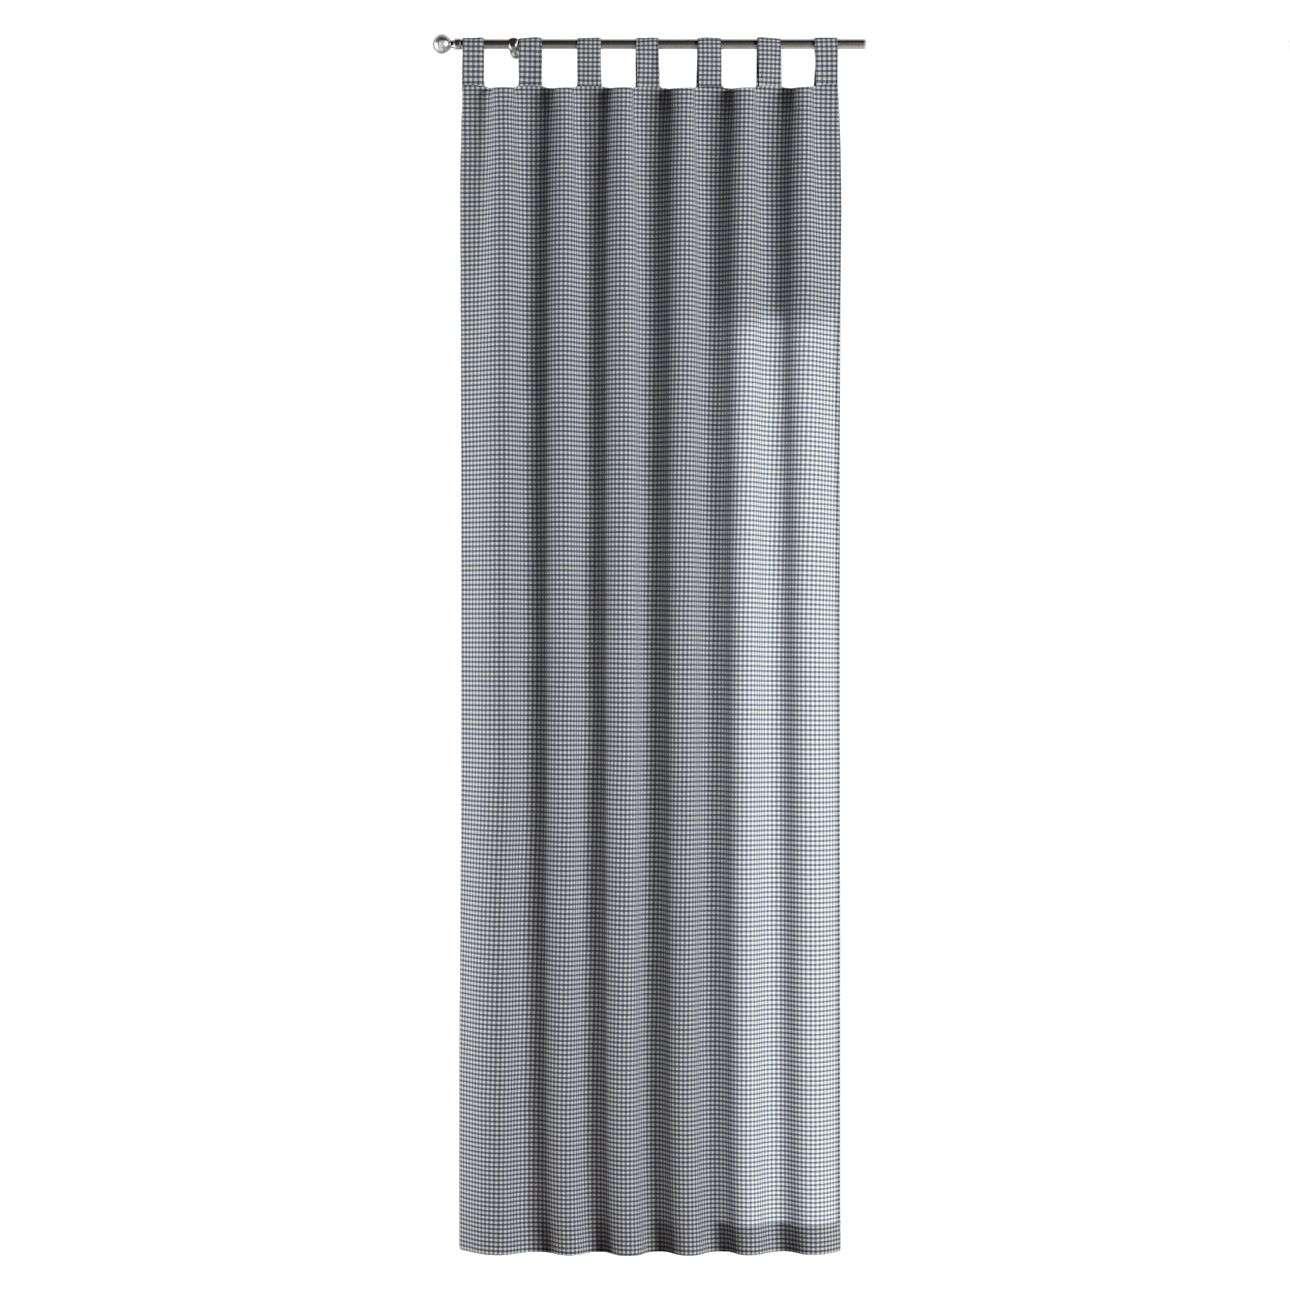 Kilpinio klostavimo užuolaidos 130 x 260 cm (plotis x ilgis) kolekcijoje Quadro, audinys: 136-00